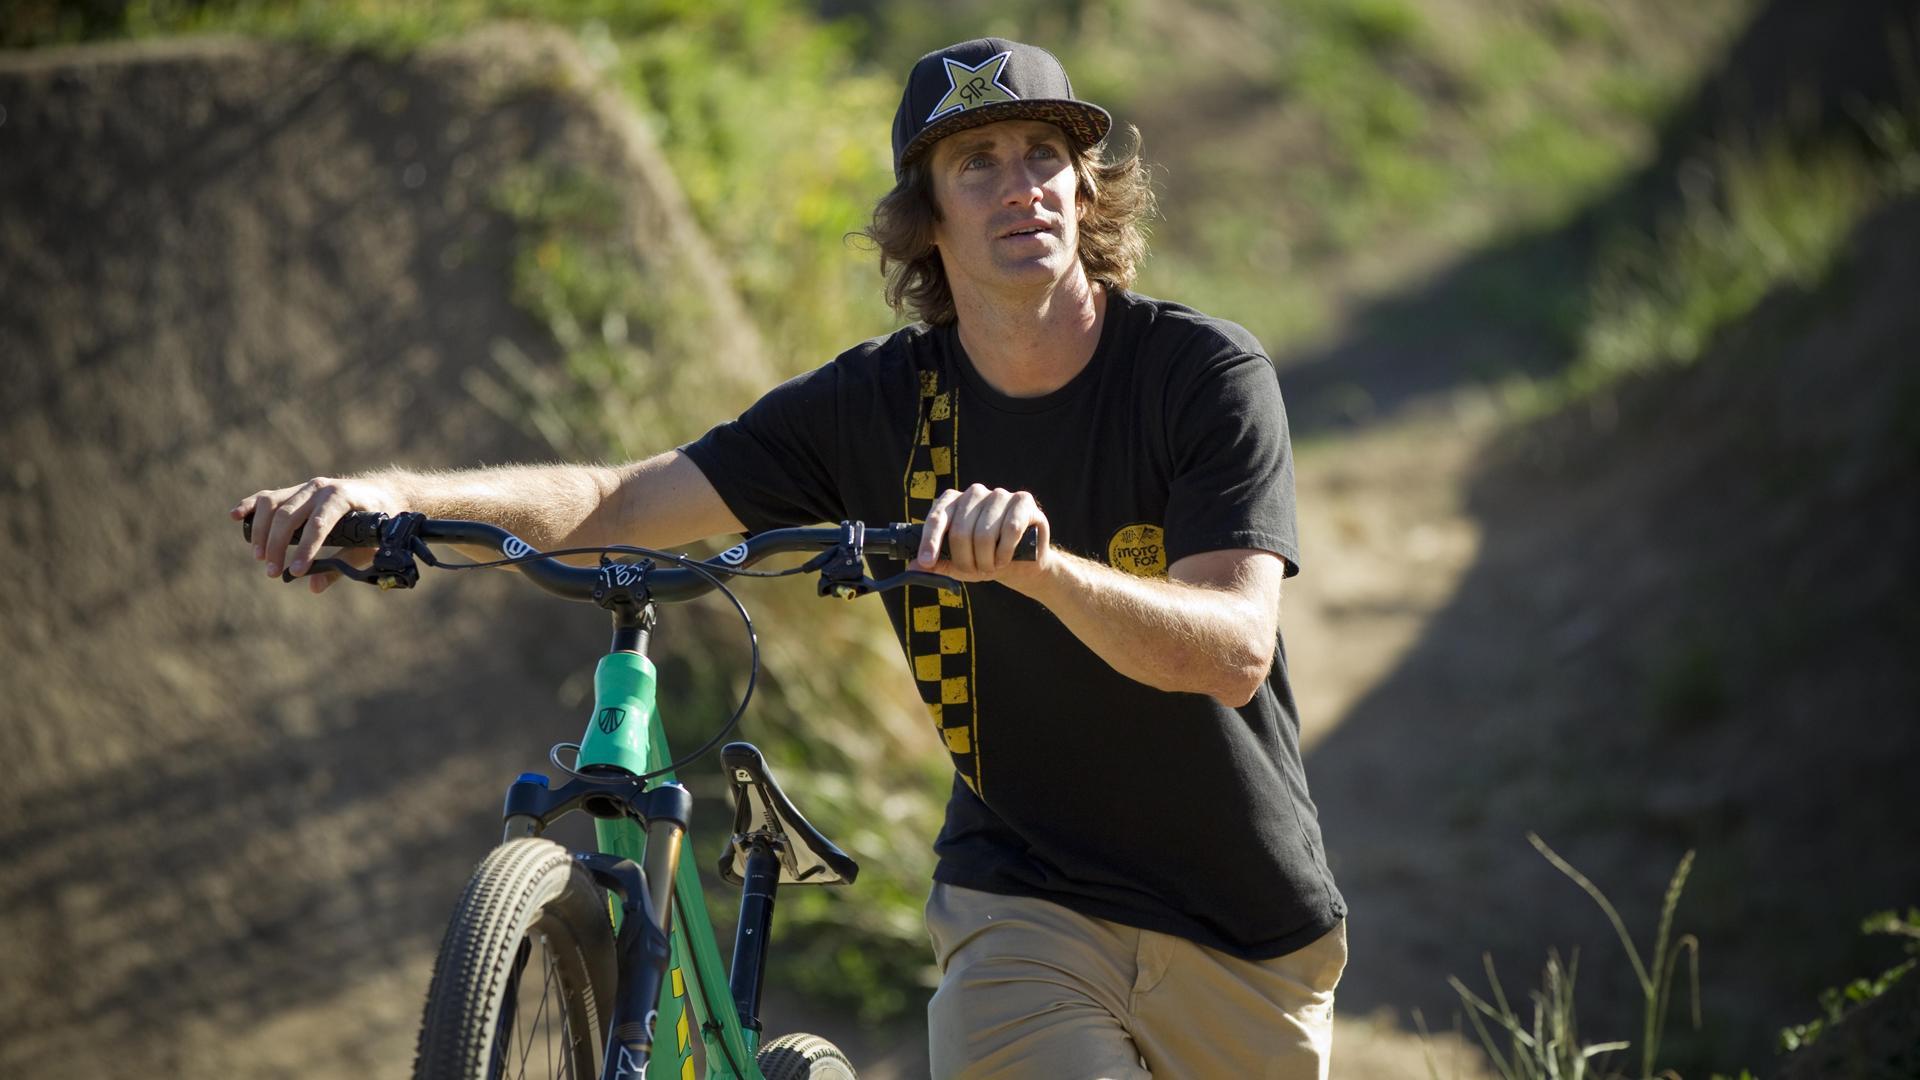 Cam McCaul z instrumentem muzycznym w miejsce roweru…